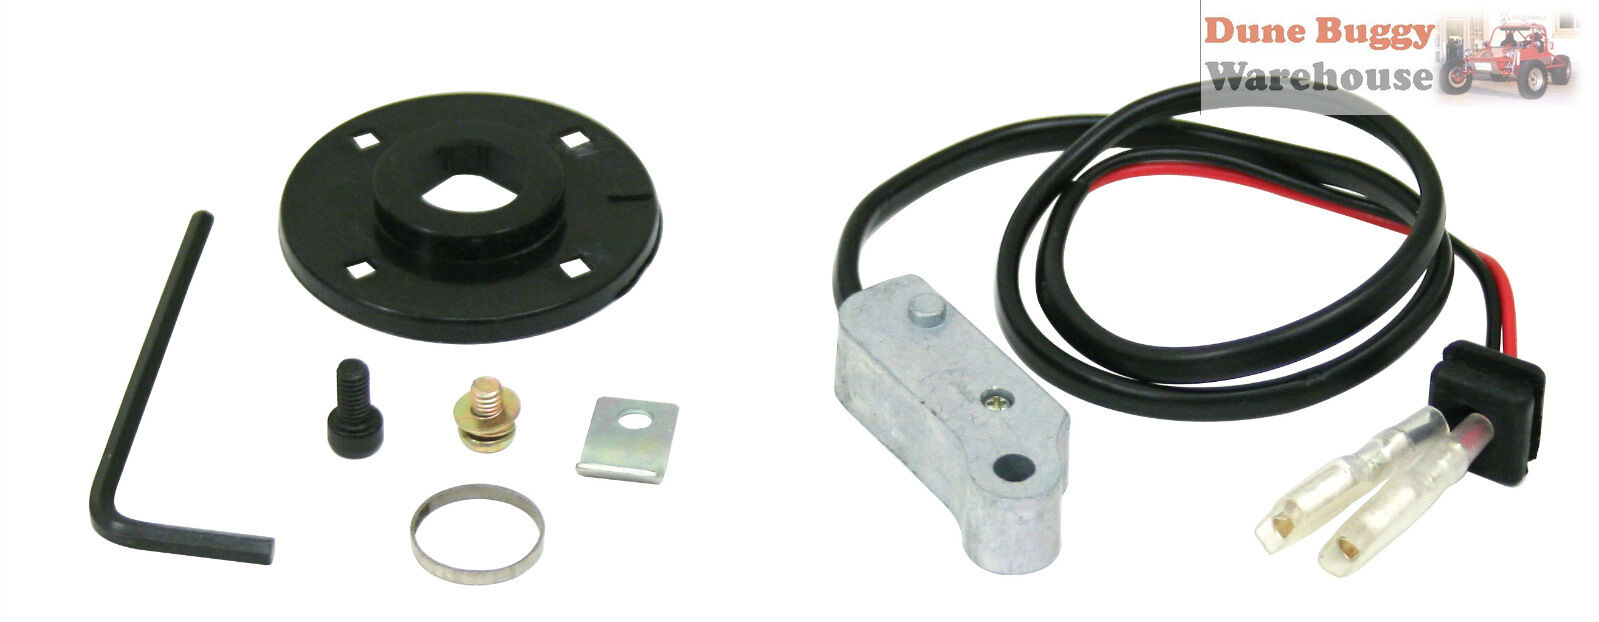 EMPI 9432 VW Bug Buggy Electronic Ignition Kit